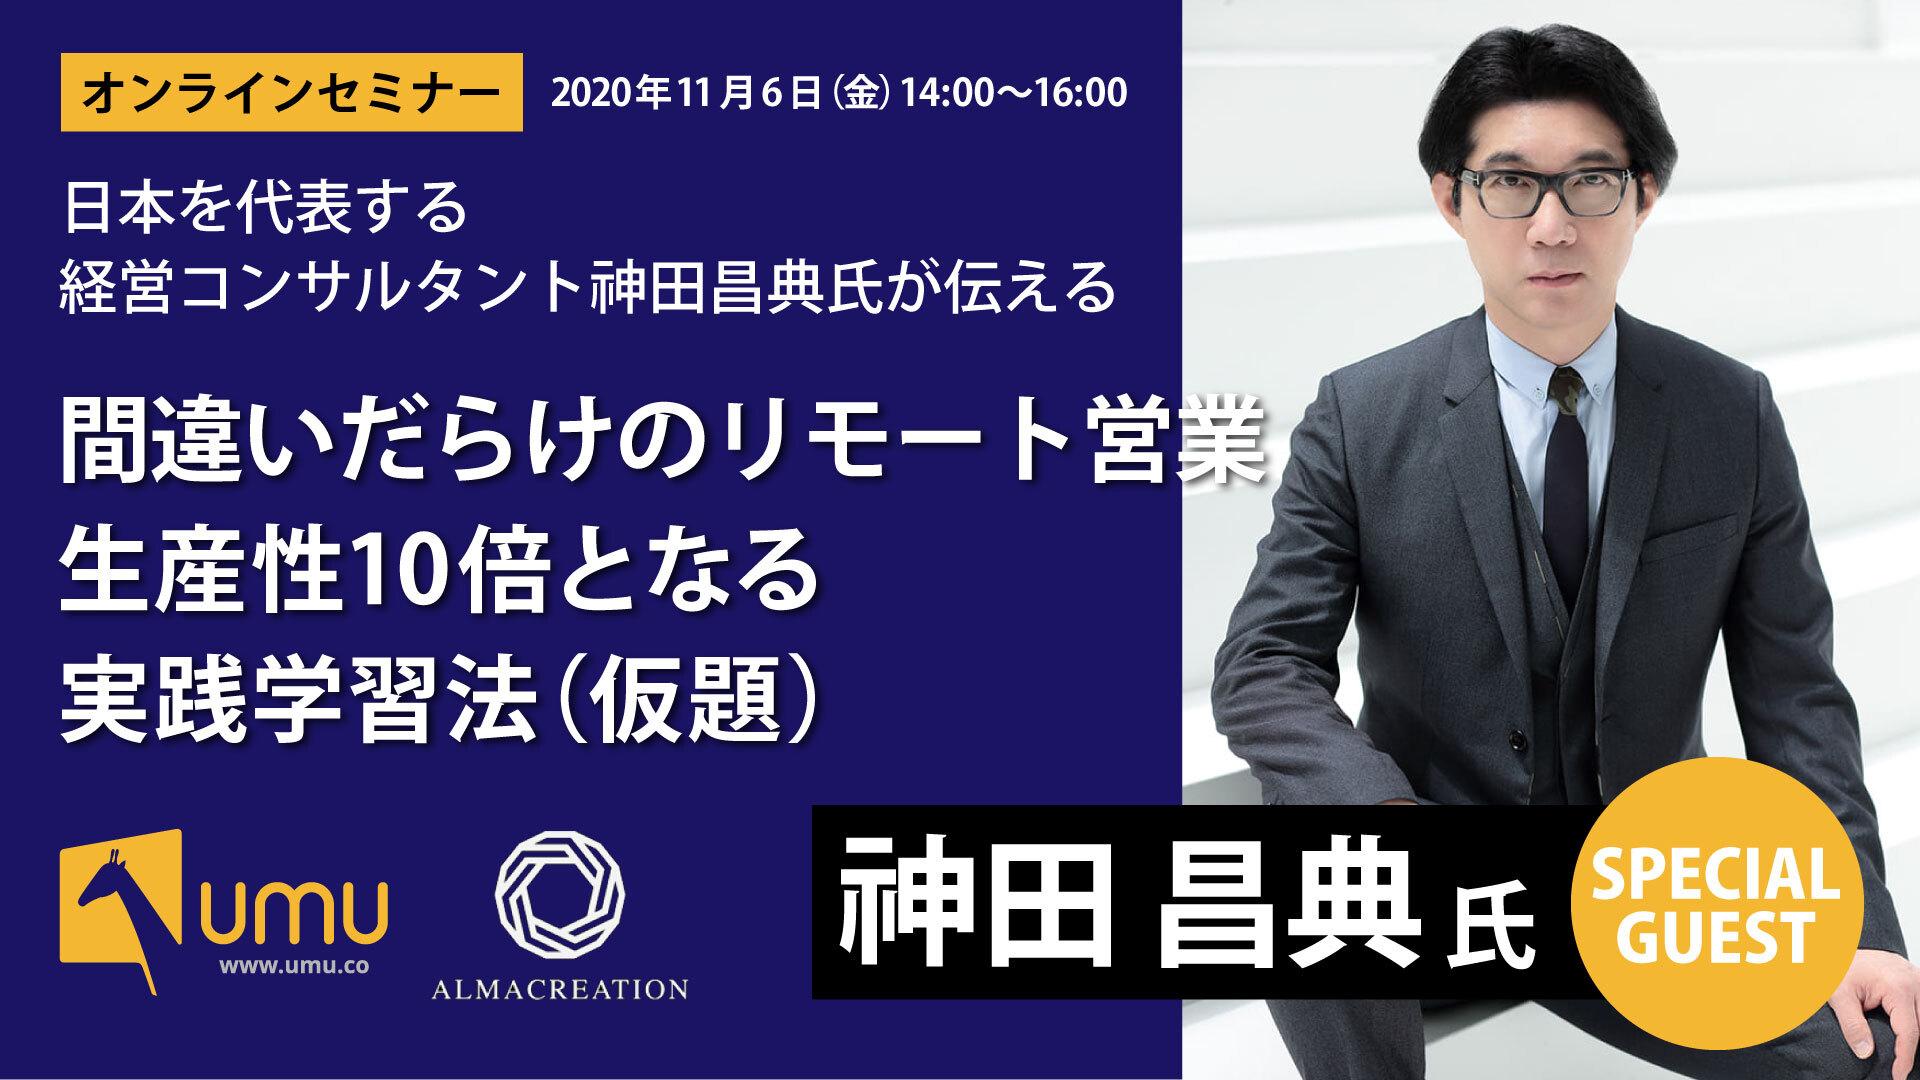 神田昌典氏登壇!「間違いだらけのリモート営業 – 生産性10倍となる ...